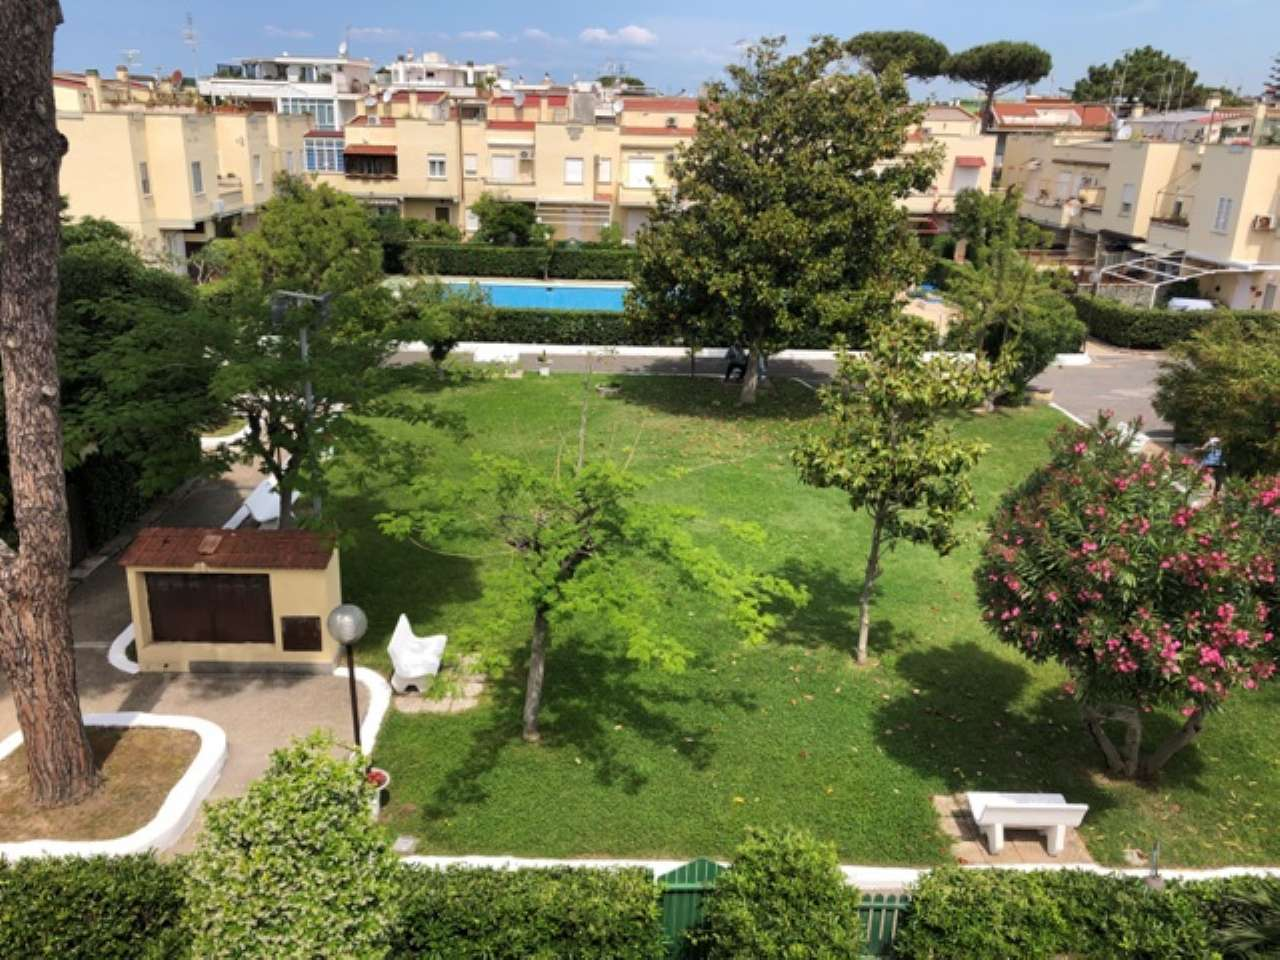 Soluzione Semindipendente in vendita a Santa Marinella, 6 locali, prezzo € 199.000   CambioCasa.it